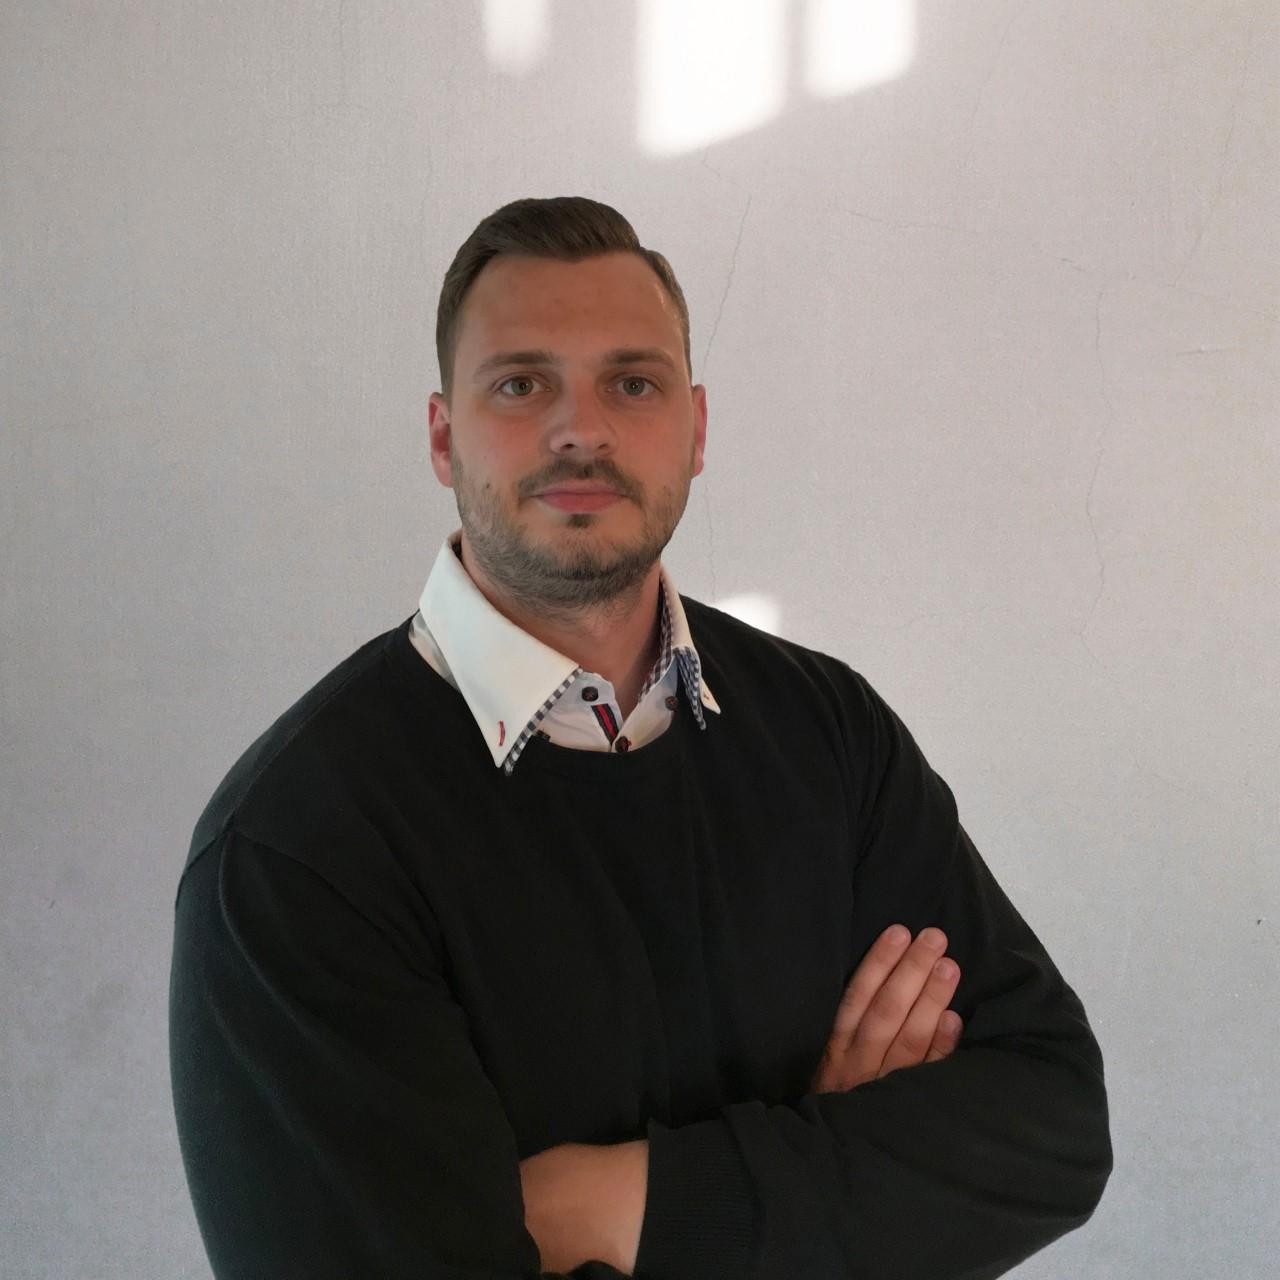 Markus Wenzl